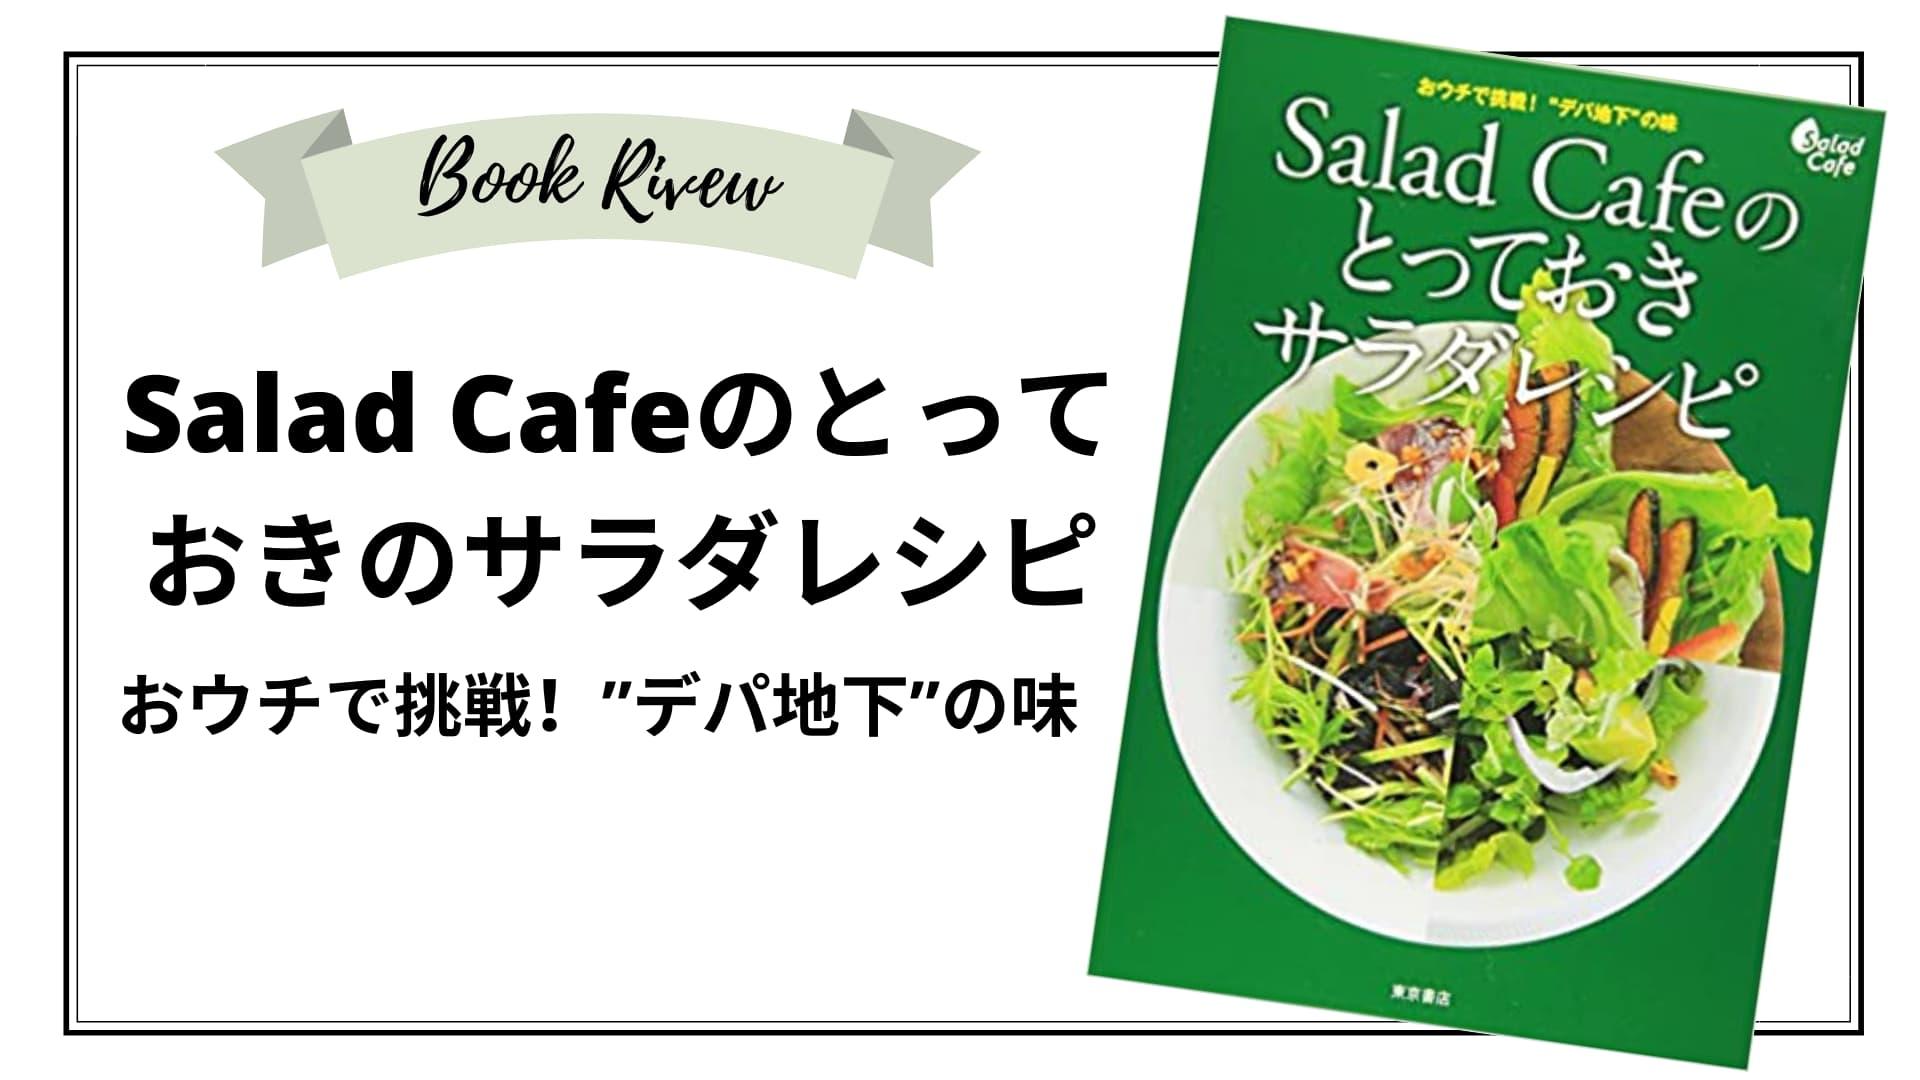 Salal Cafeのとっておきのサラダレシピ アイキャッチ